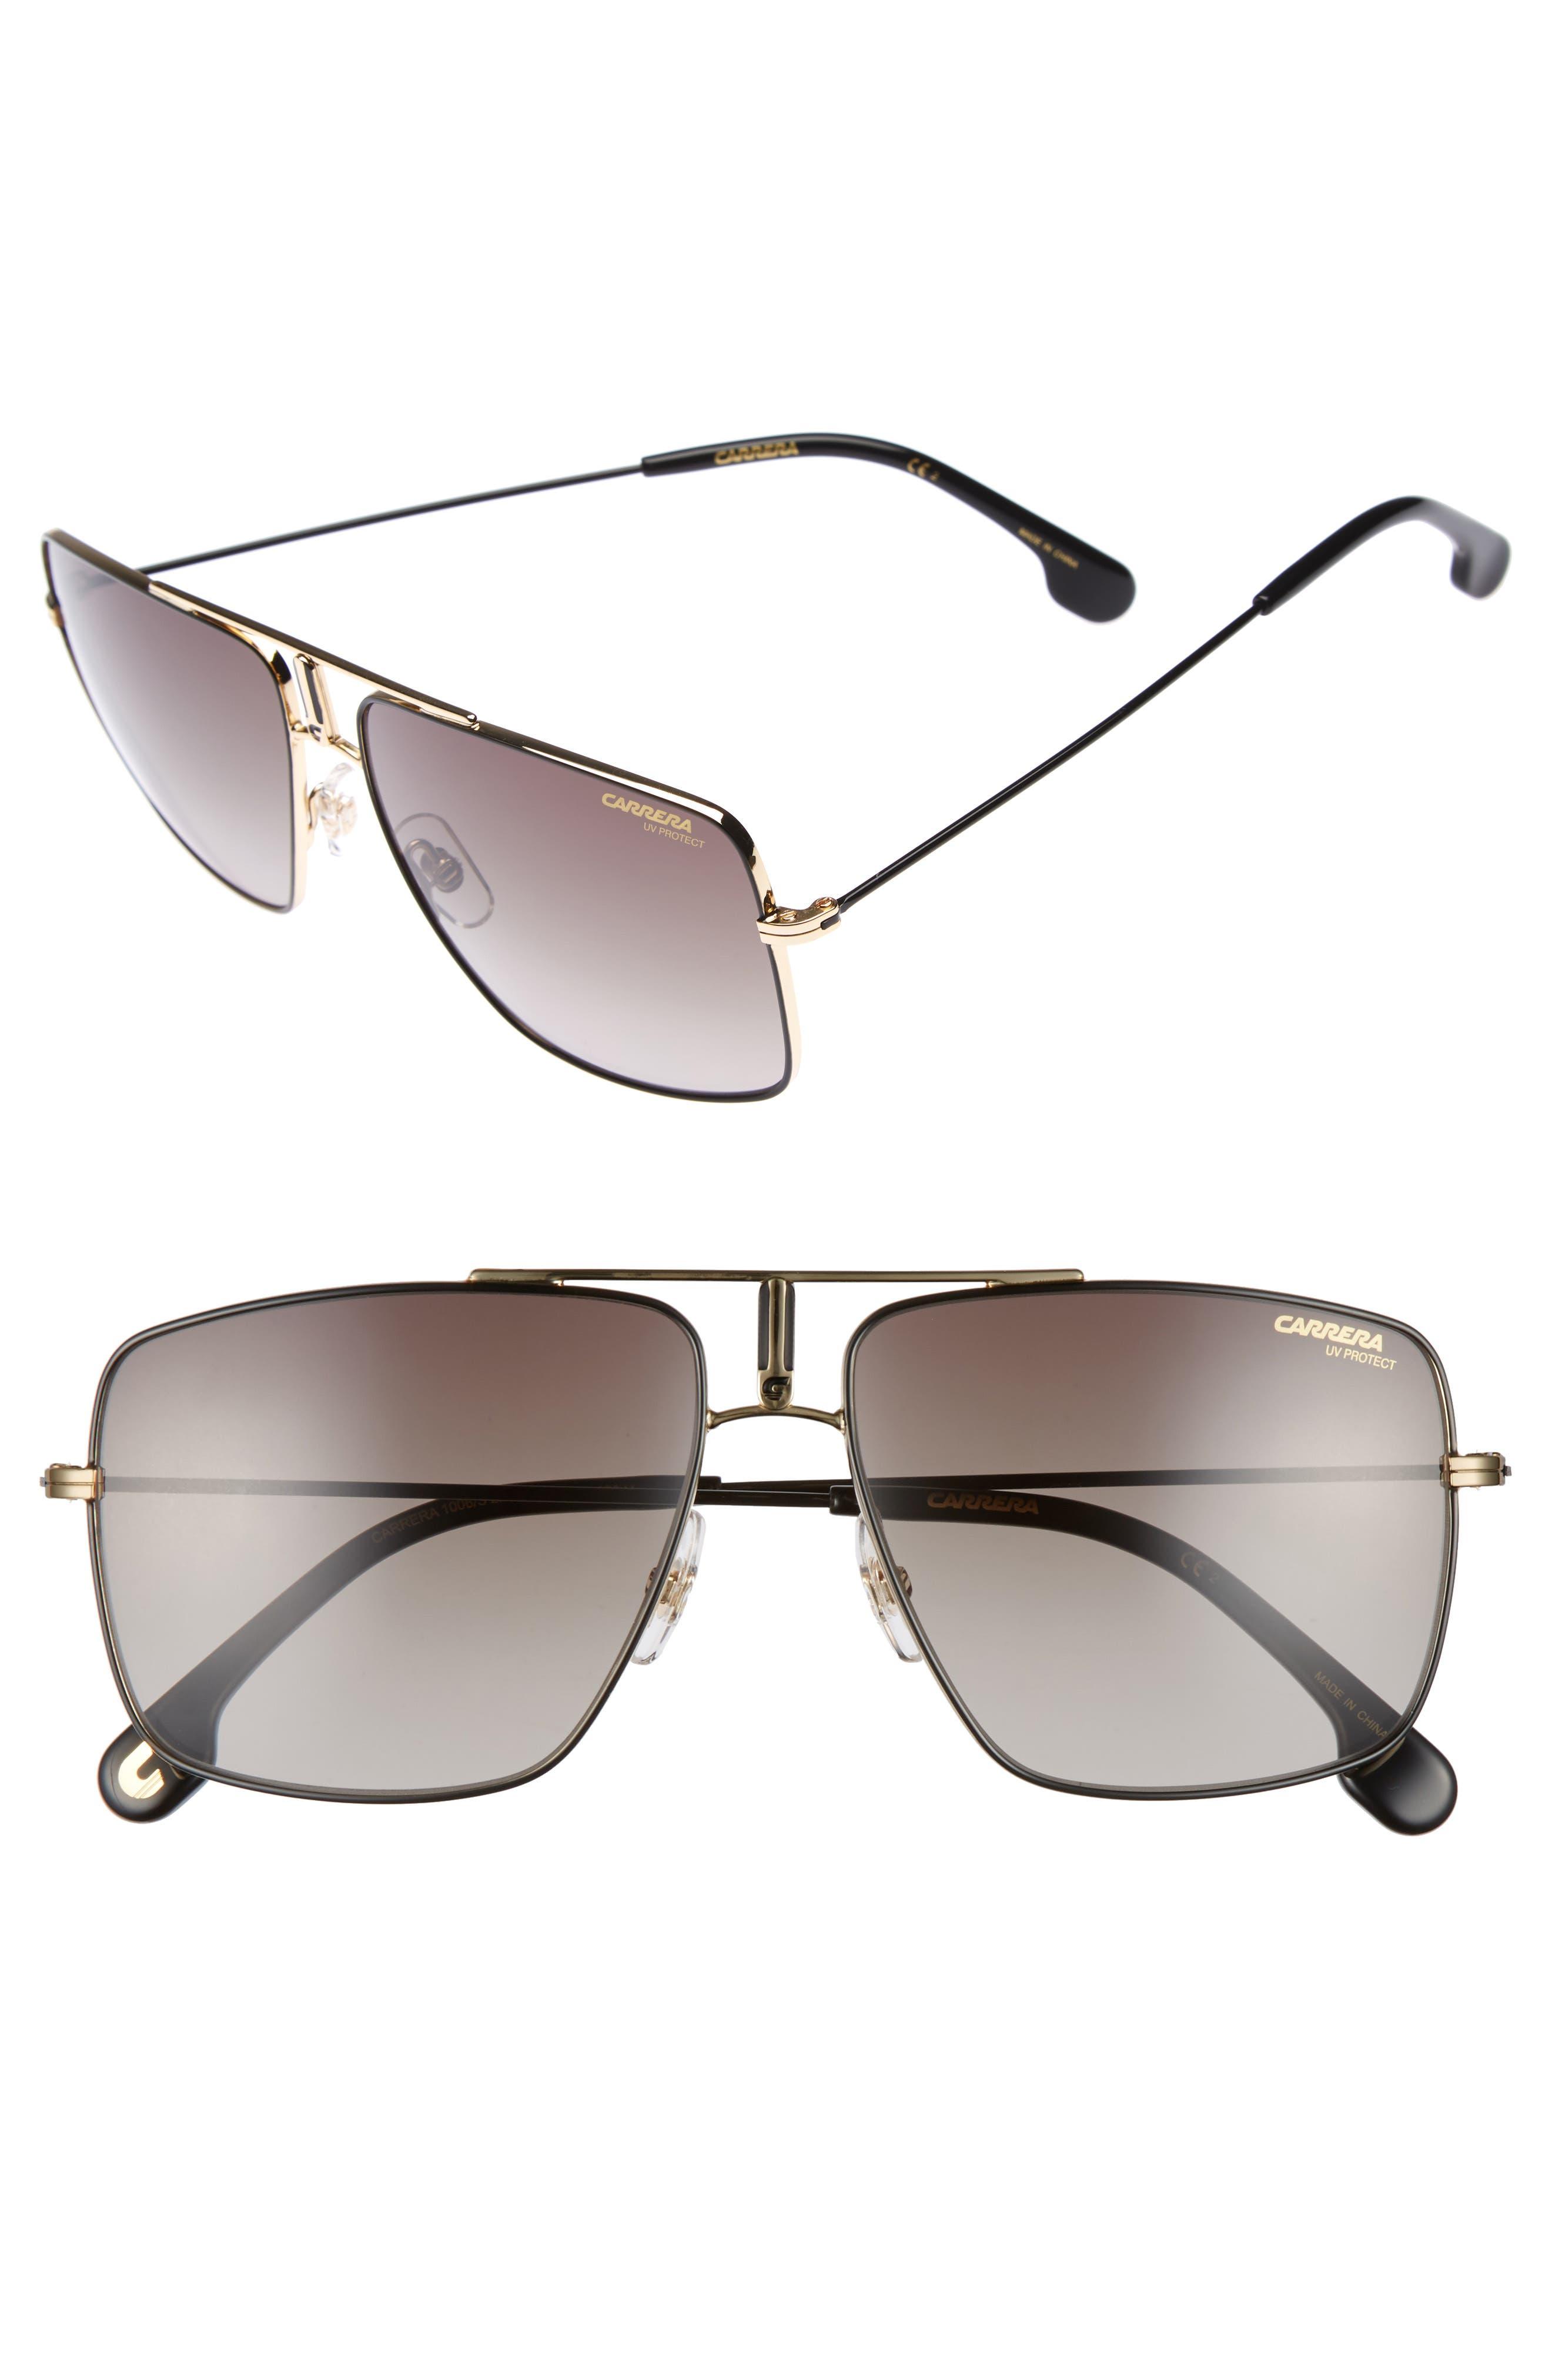 Main Image - Carrera 60mm Aviator Sunglasses